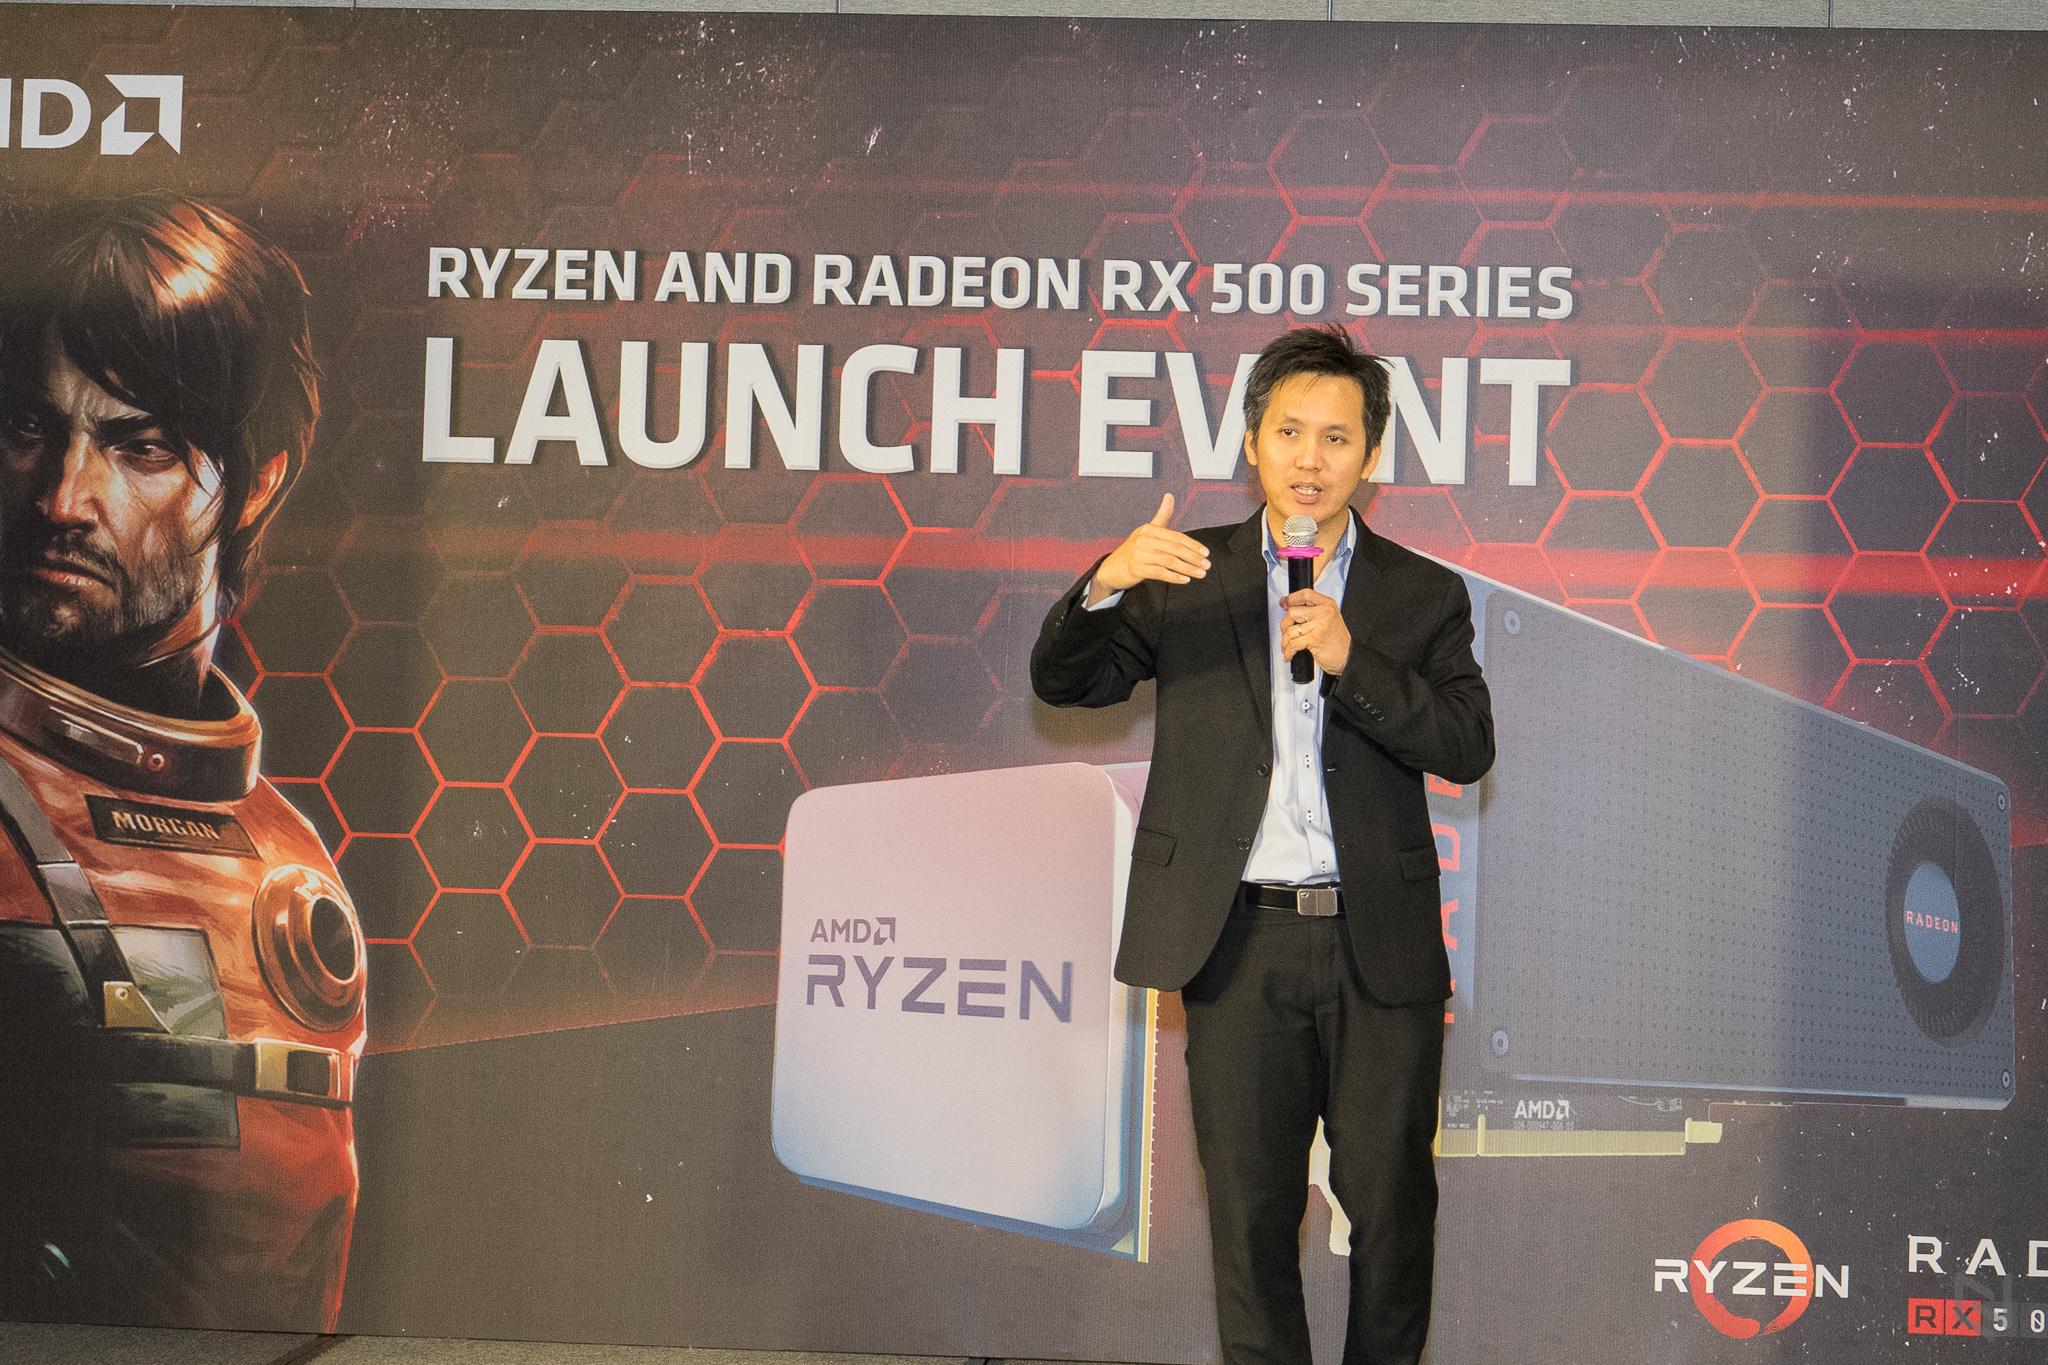 AMD chính thức ra mắt Ryzen cùng dòng card đồ hoạ Radeon RX 500